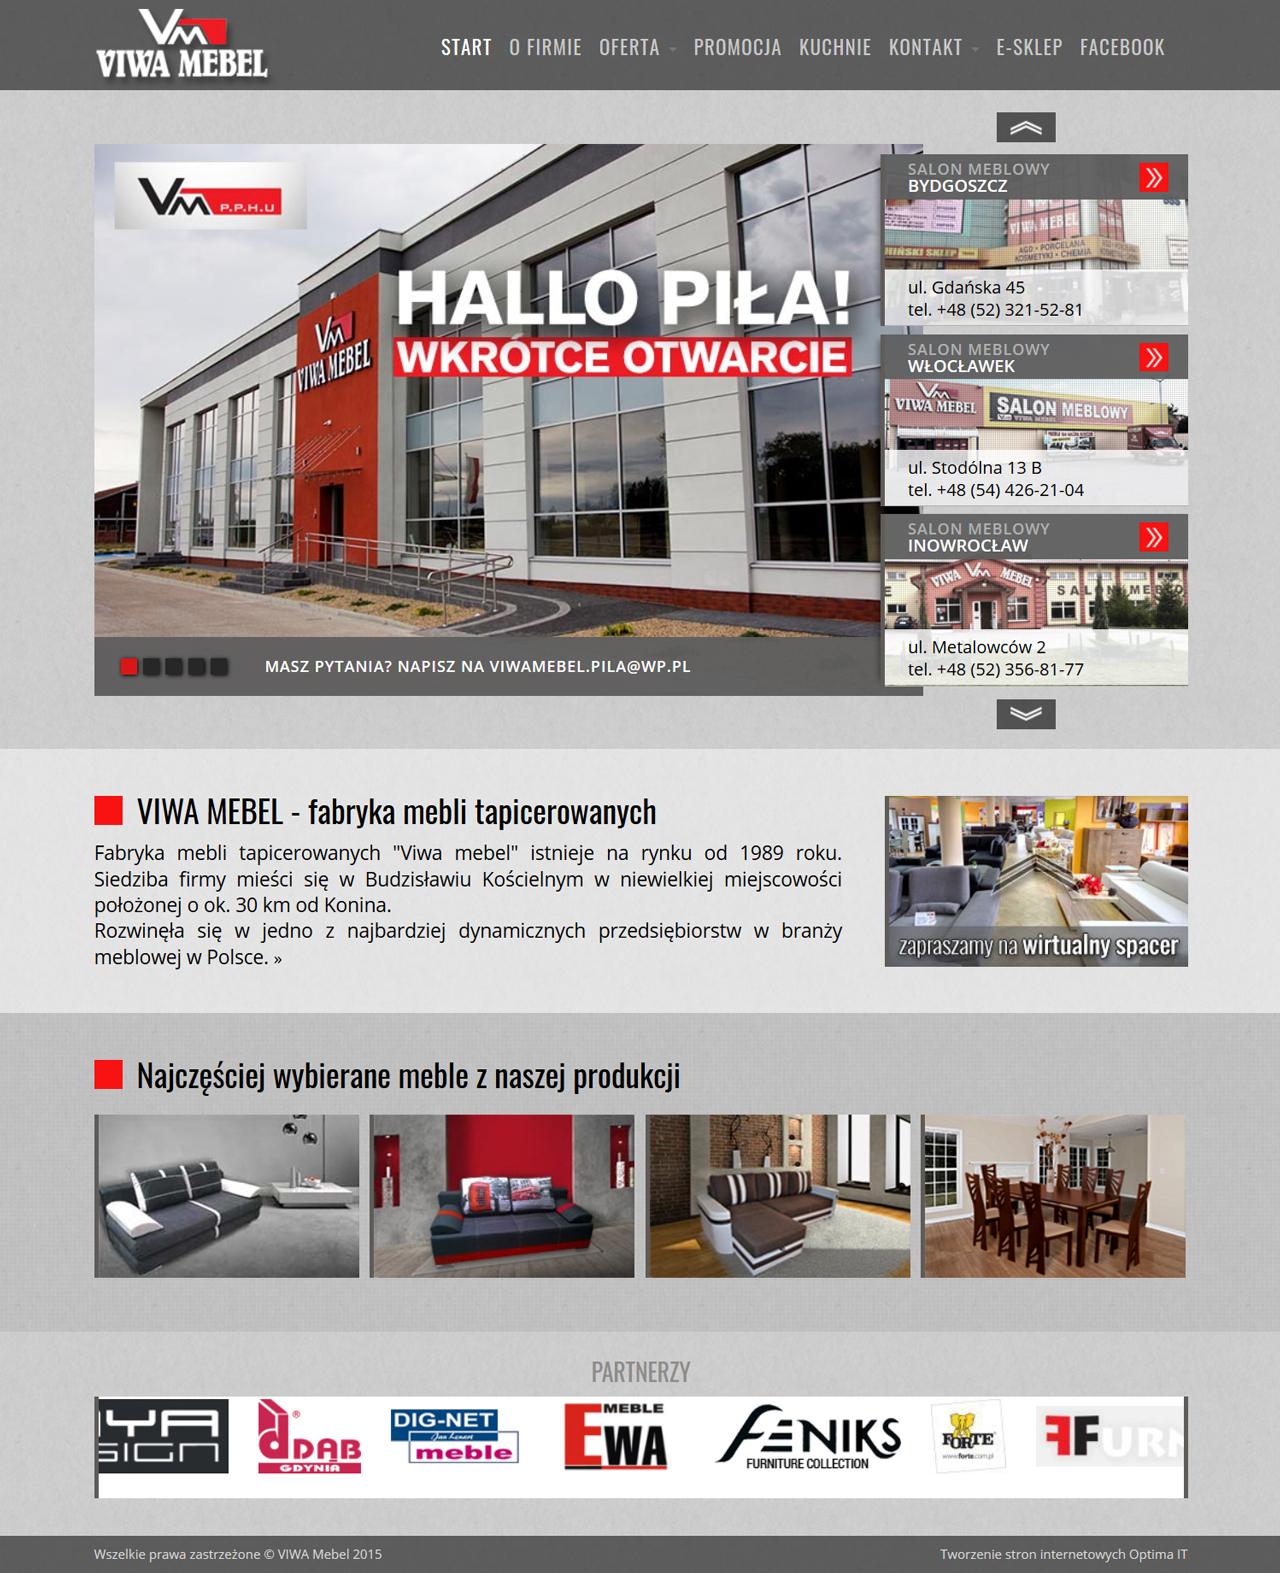 Strona internetowa dla salonu meblowego oraz fabryki mebli VIWA MEBEL